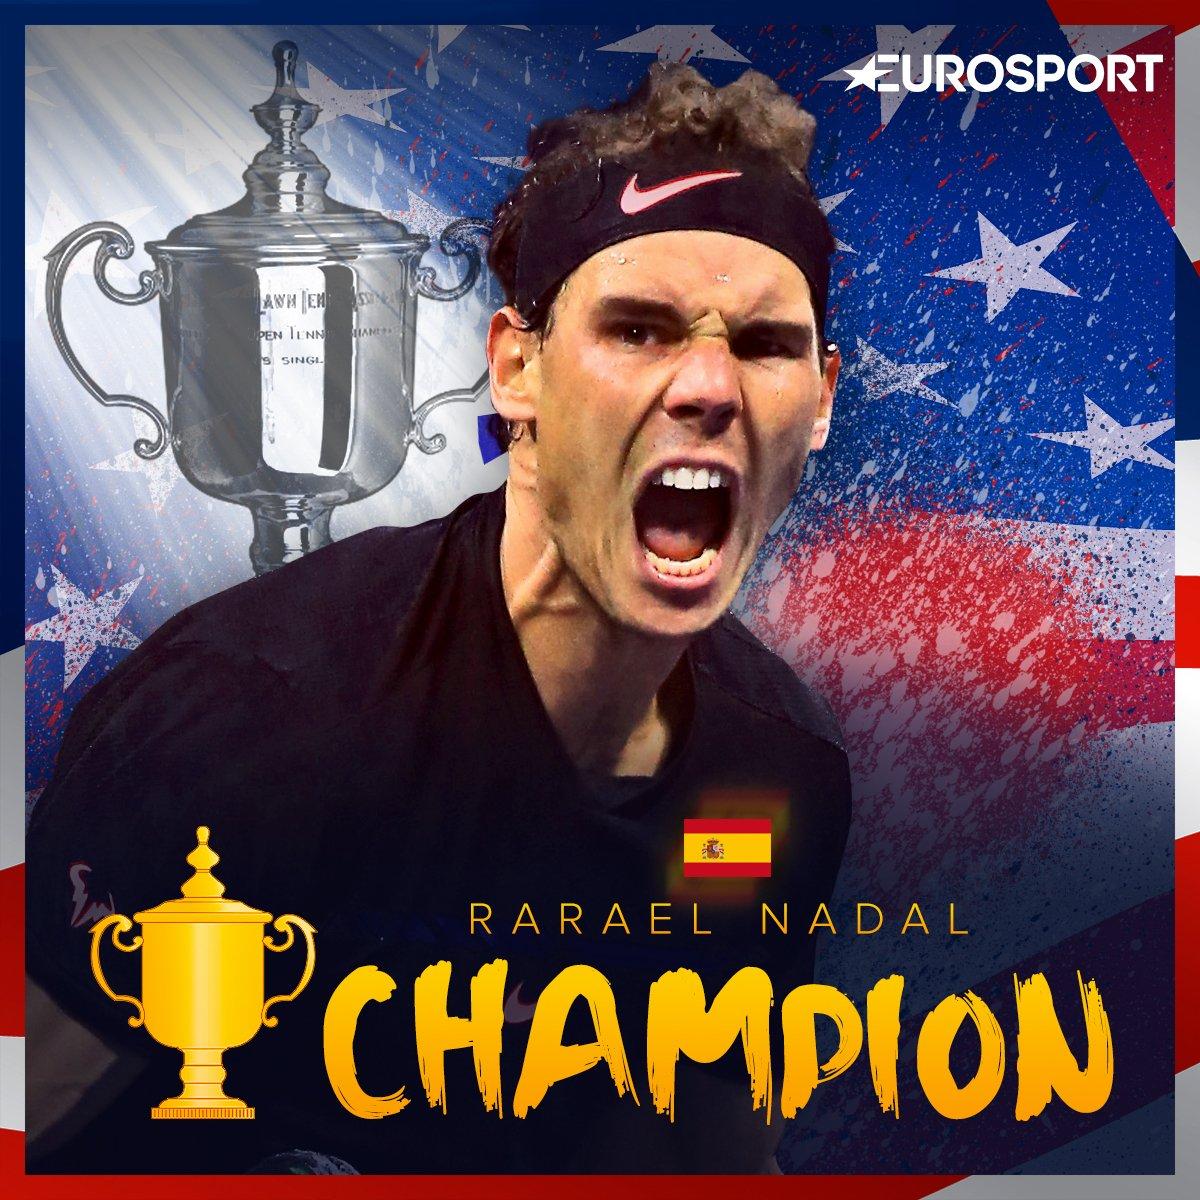 Nadal Federerə yaxınlaşdı